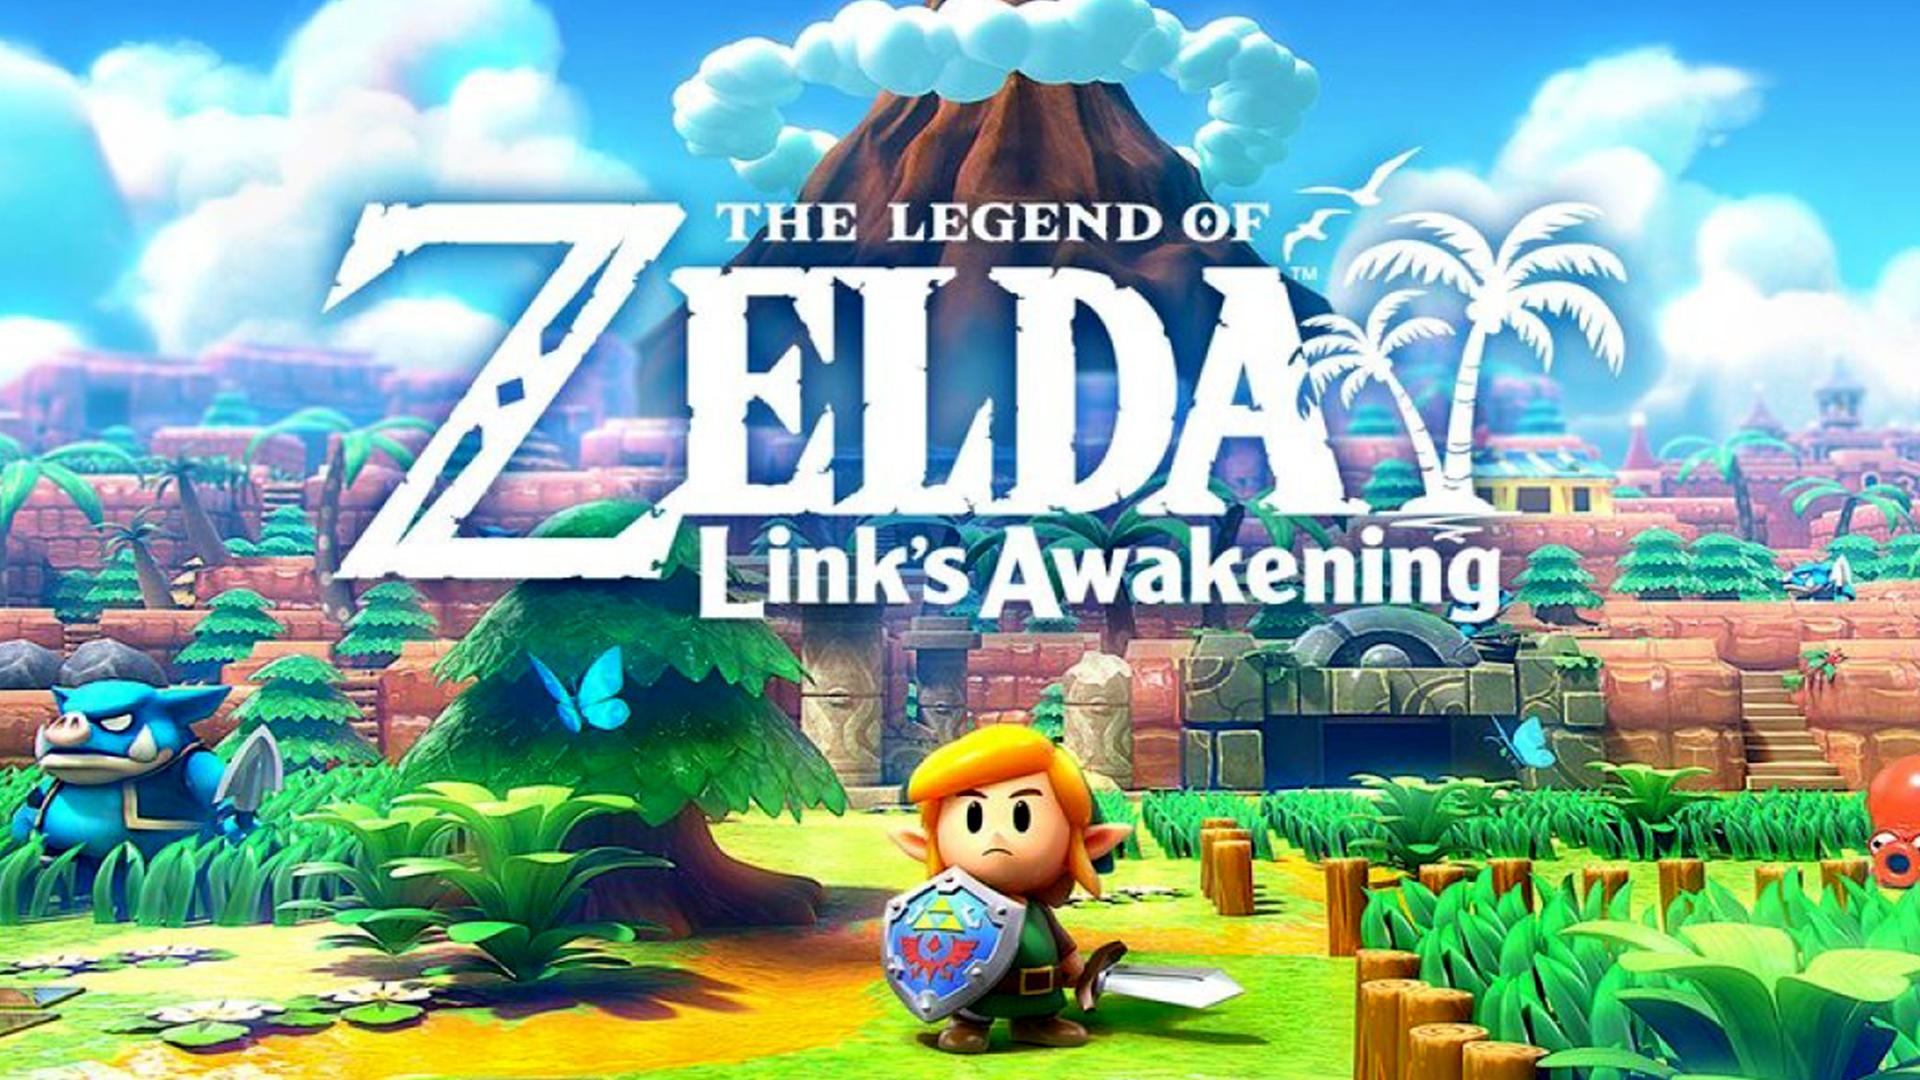 The Legend Of Zelda Link S Awakening Wallpapers Wallpaper